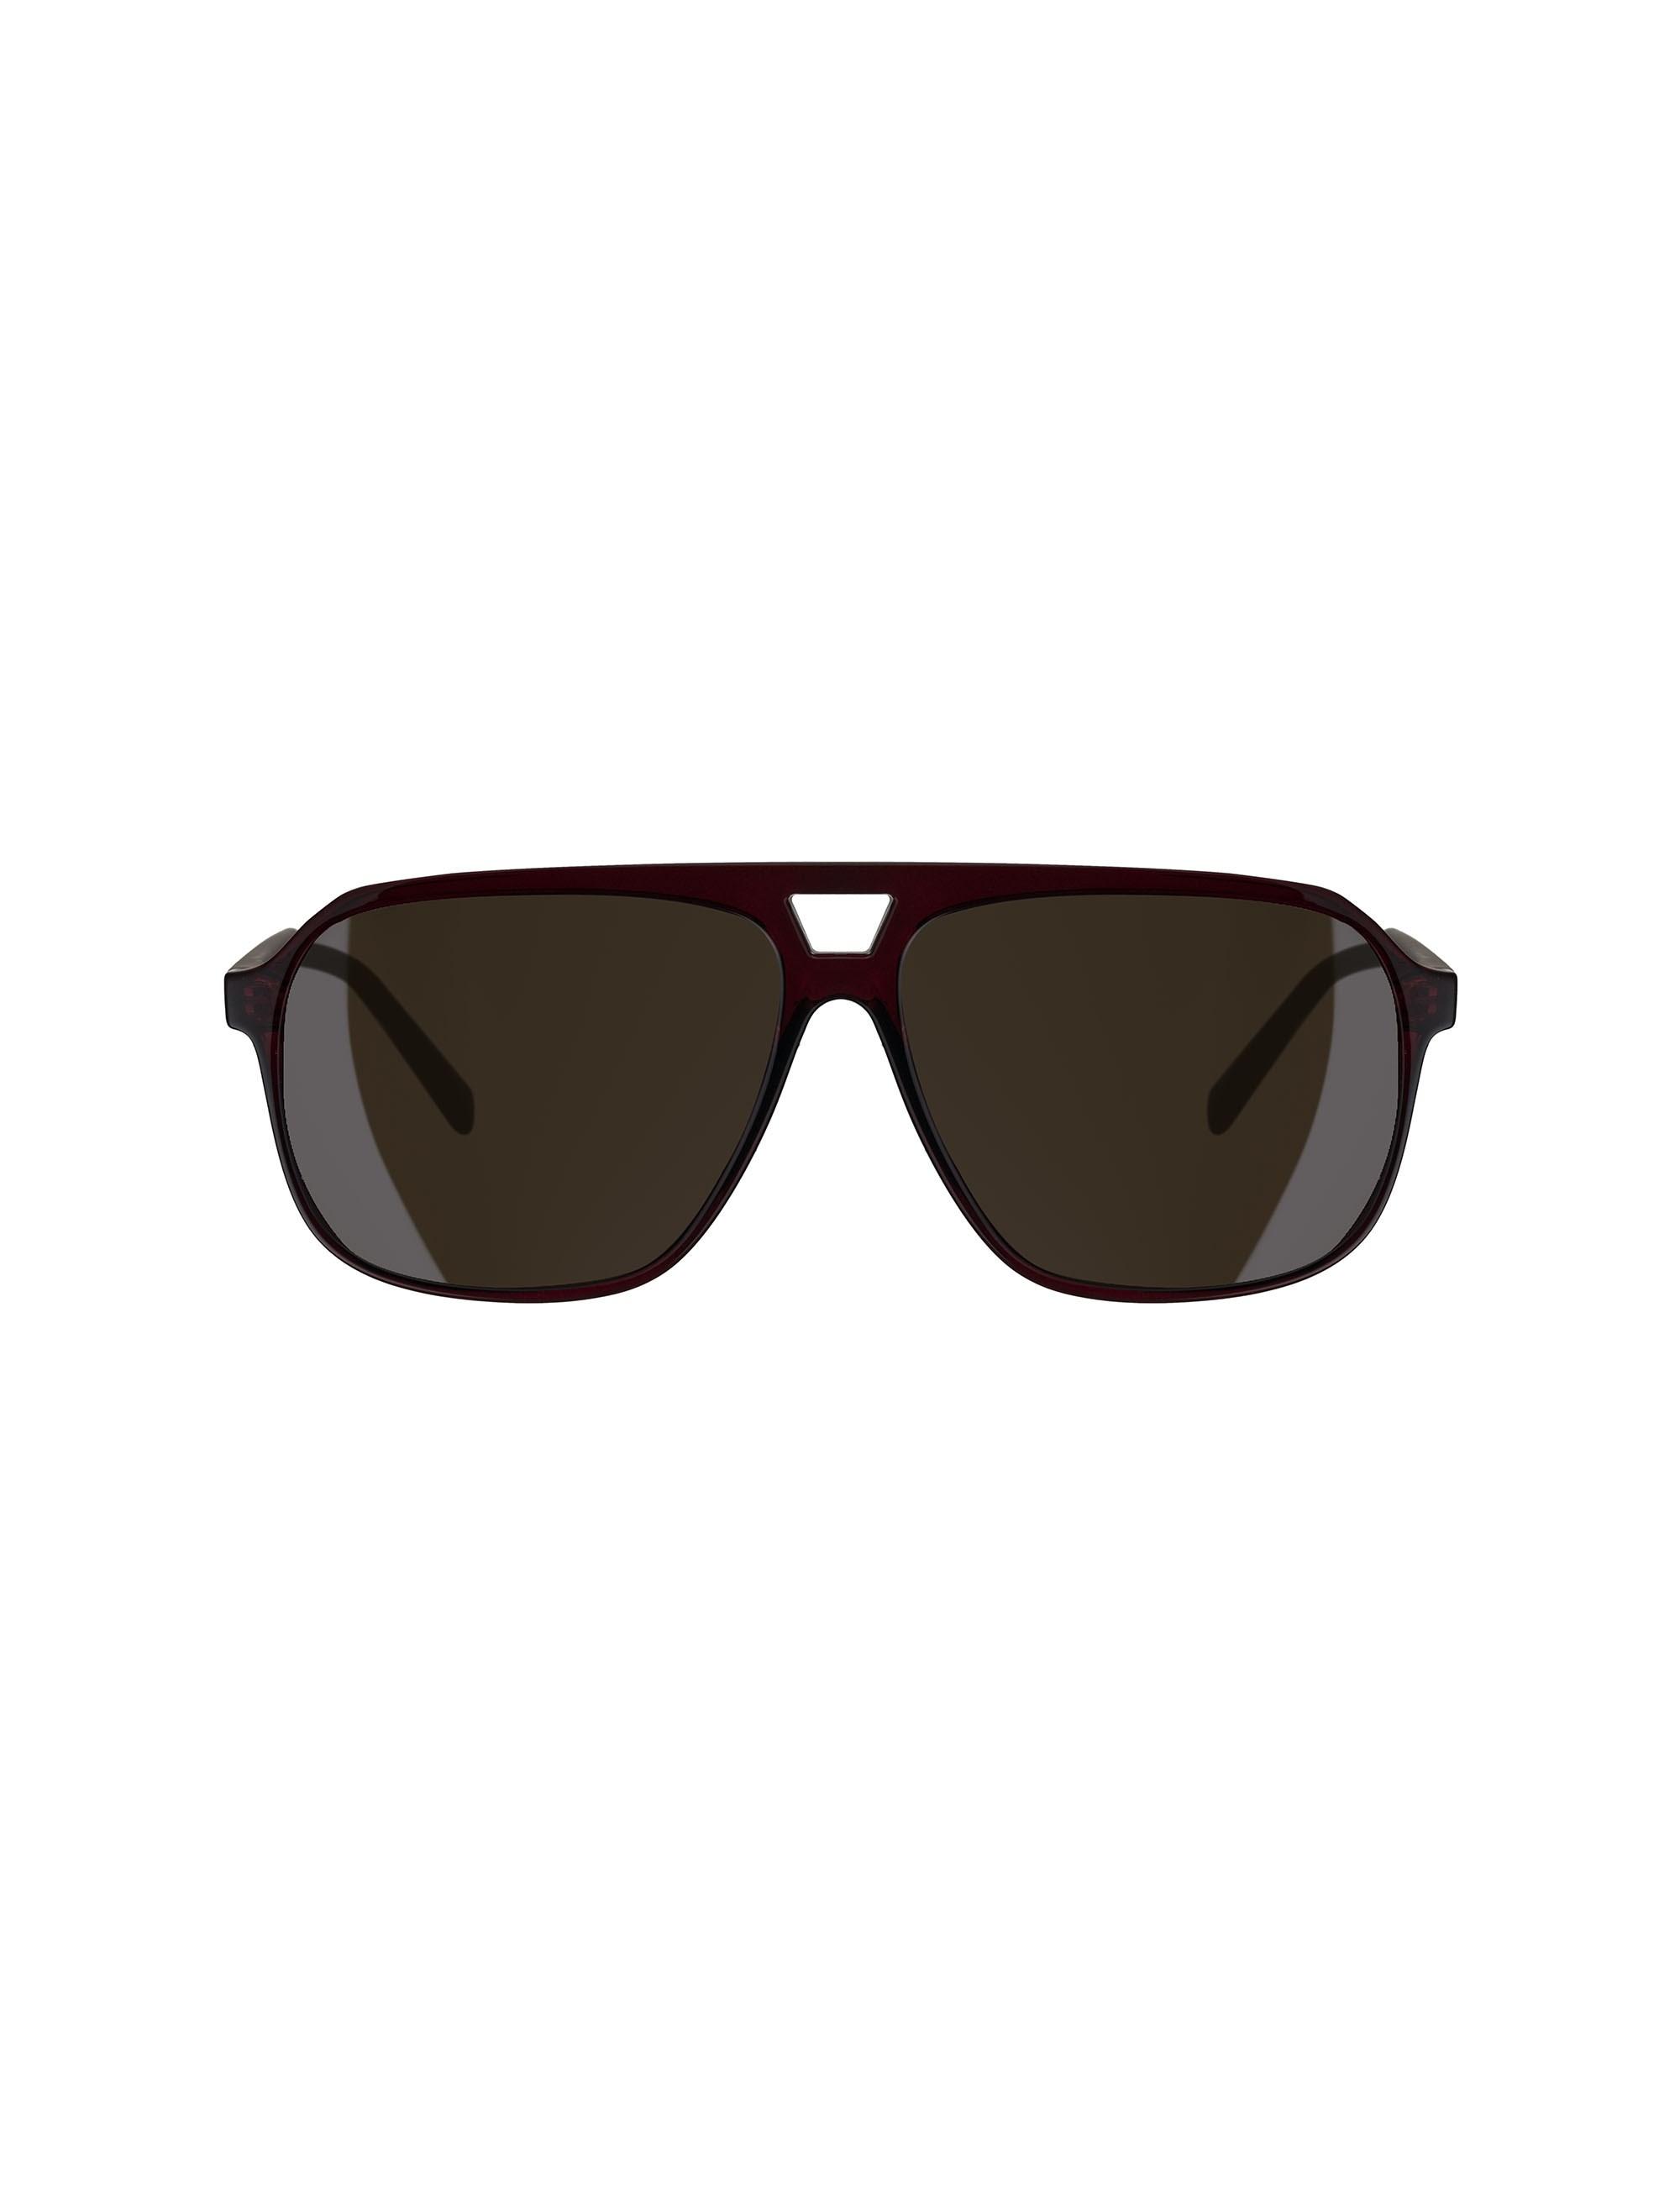 قیمت عینک آفتابی زنانه تد بیکر مدل TB150420058